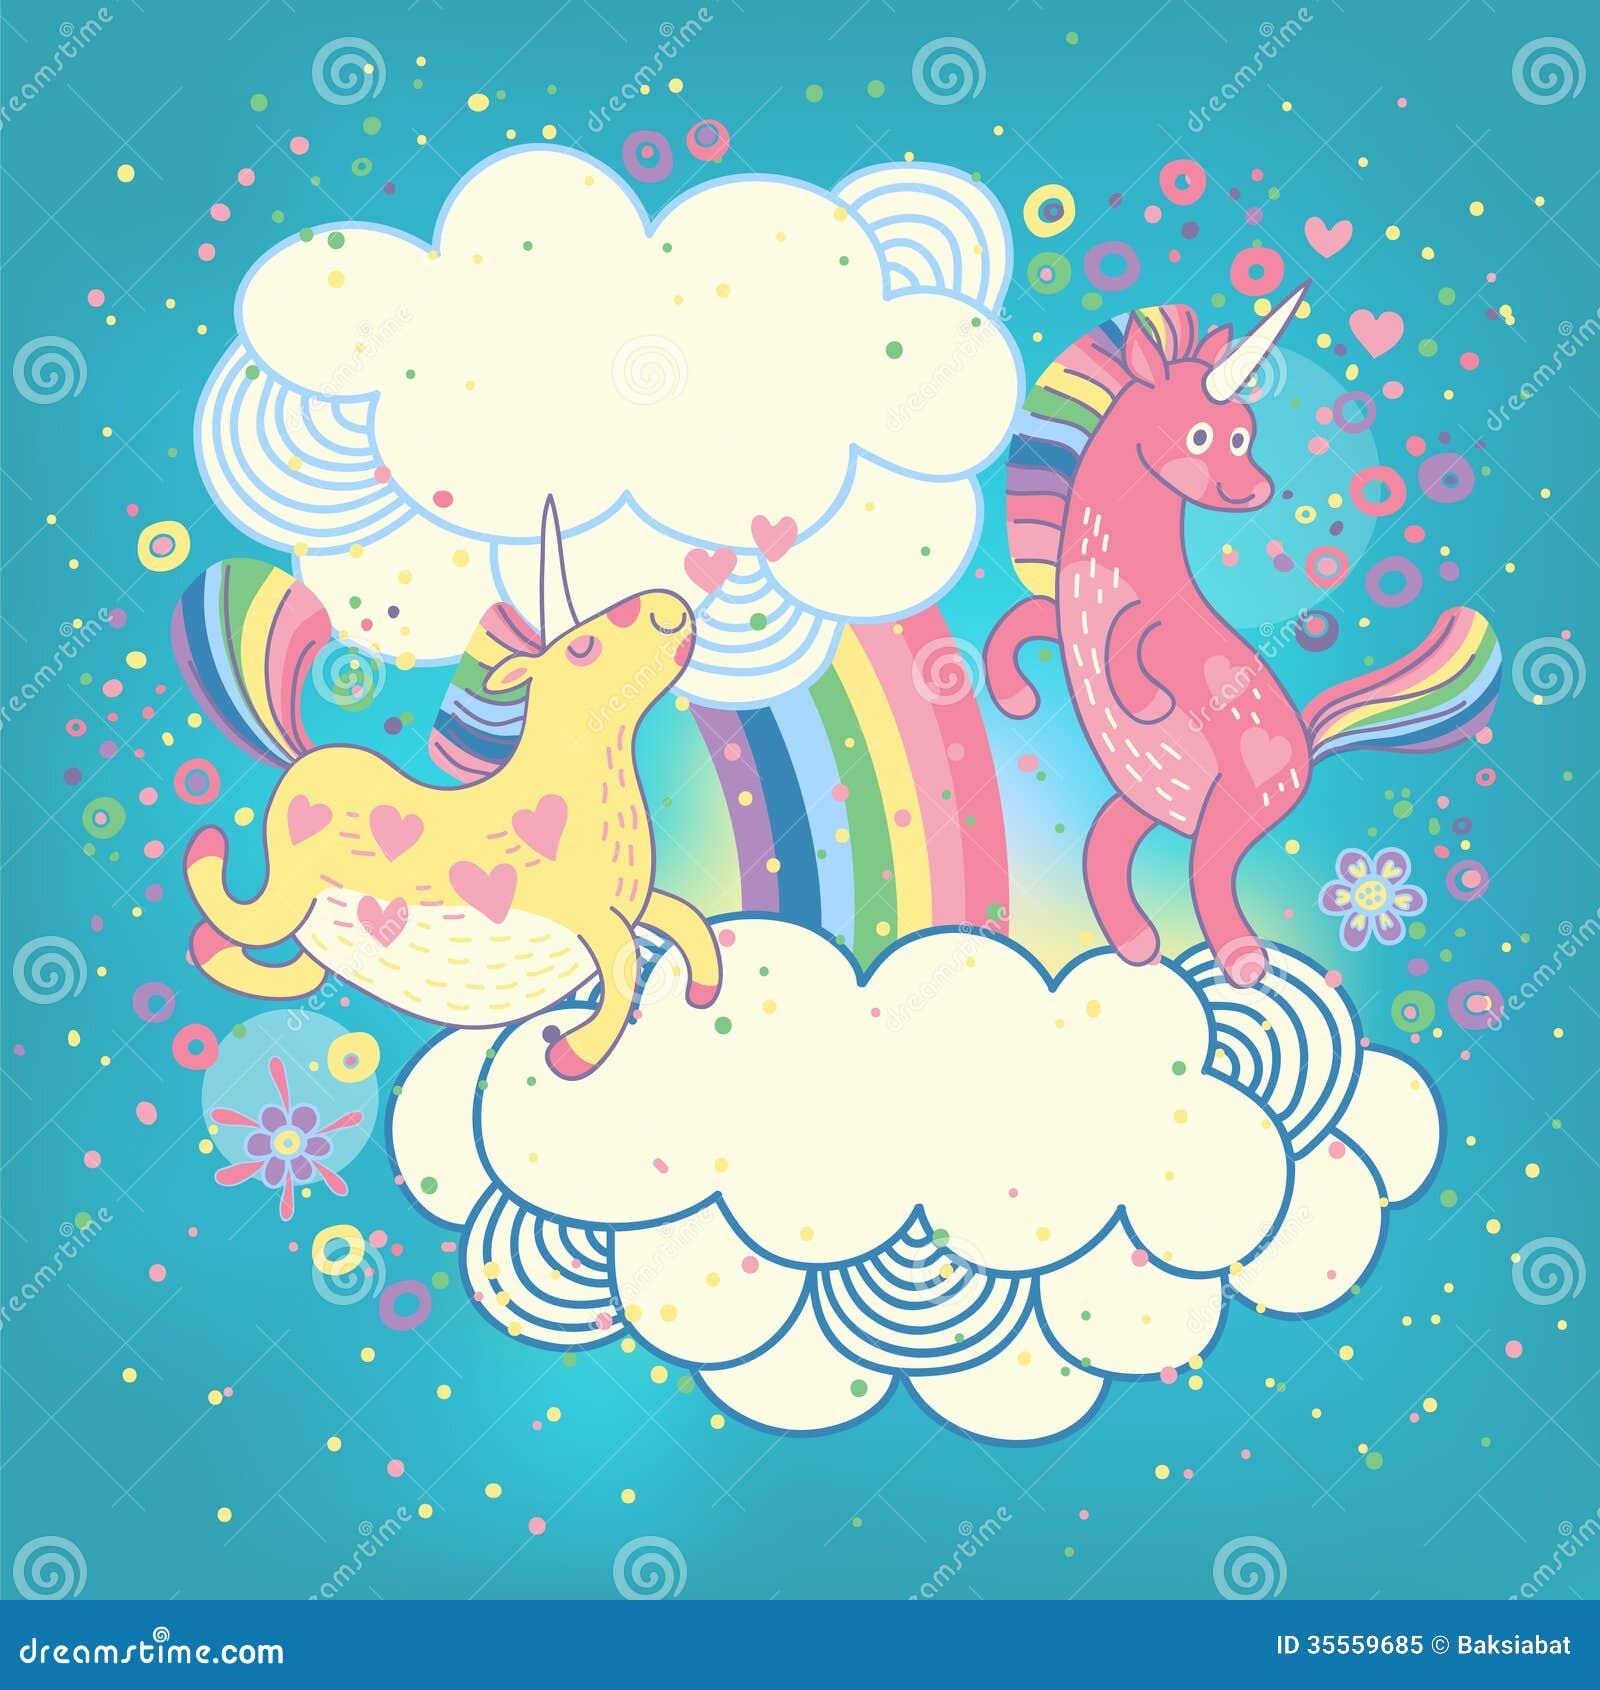 Carde con un arco iris lindo de los unicornios en las nubes.